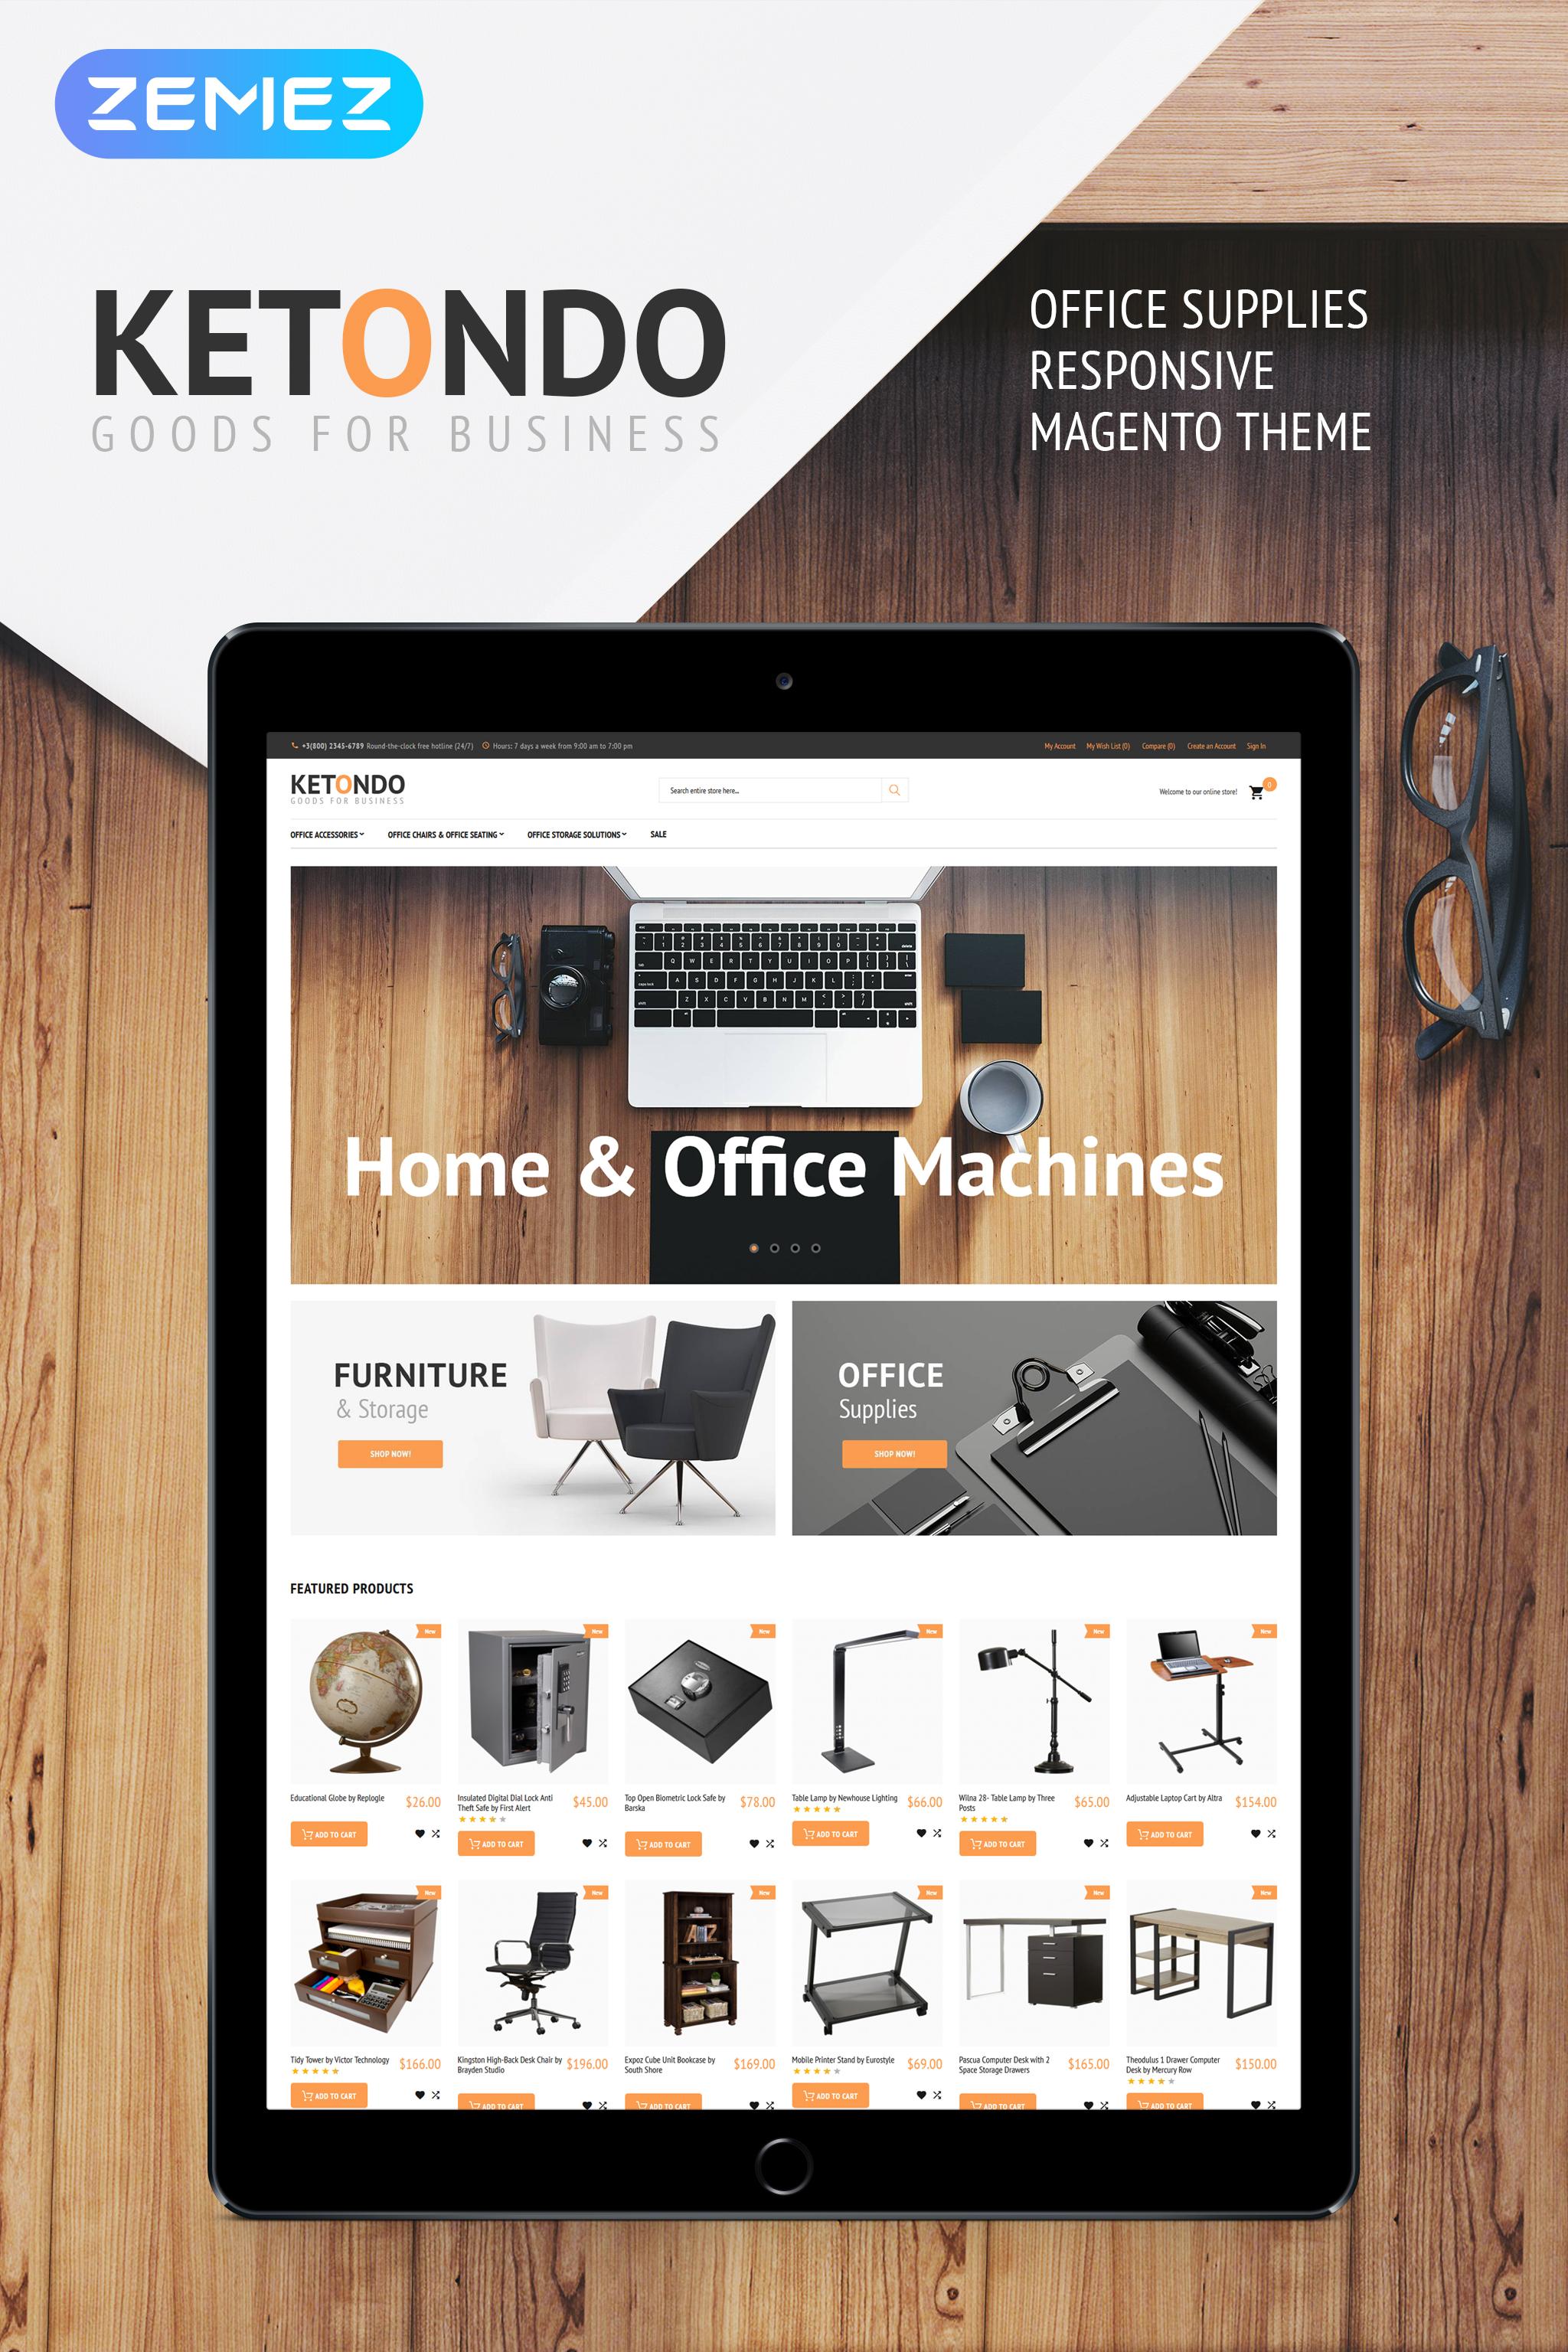 Ketondo - Office Supplies Tema Magento №62094 - screenshot